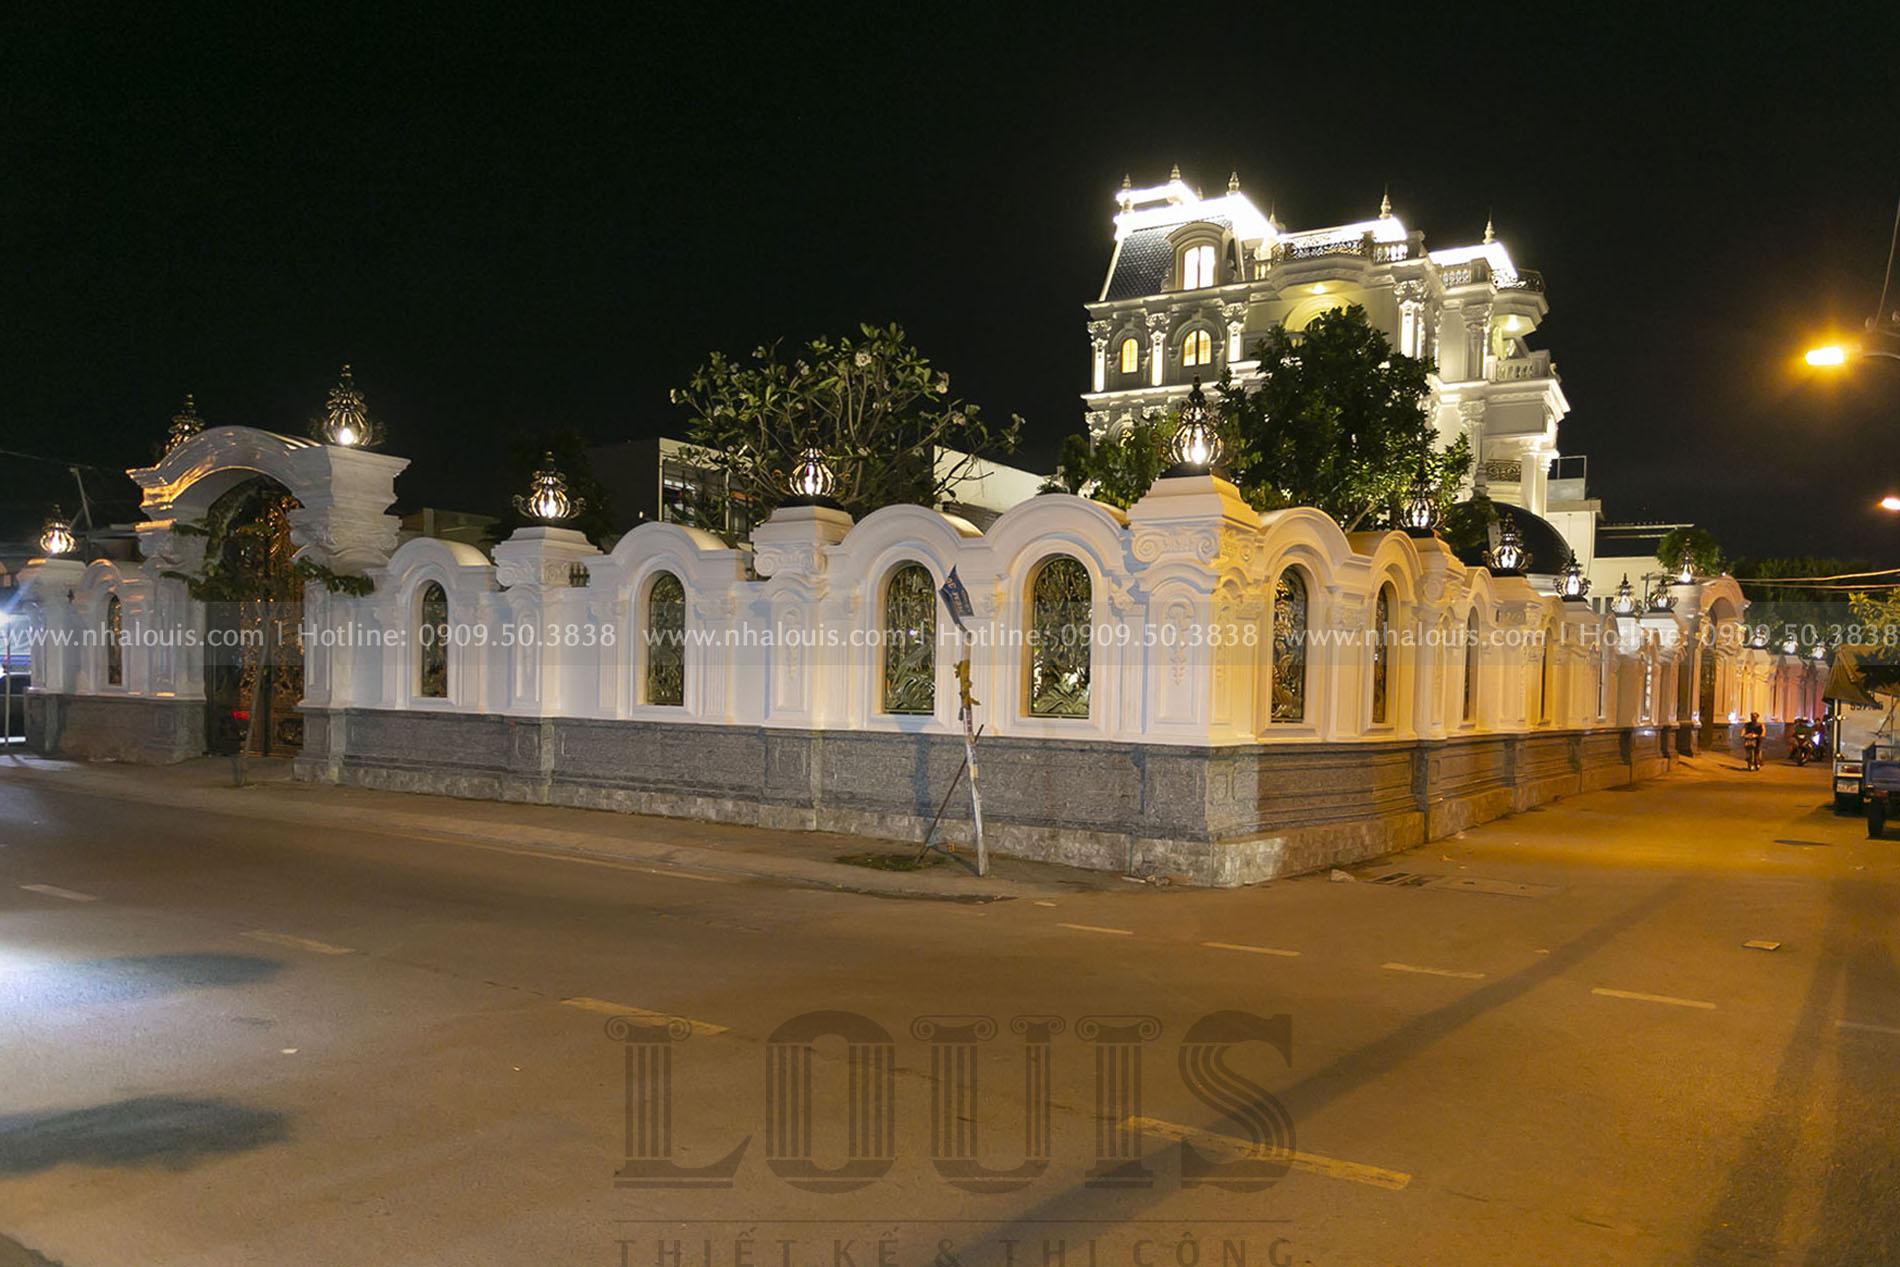 thiết kế kiến trúc biệt thự cổ điển Nhà Bè